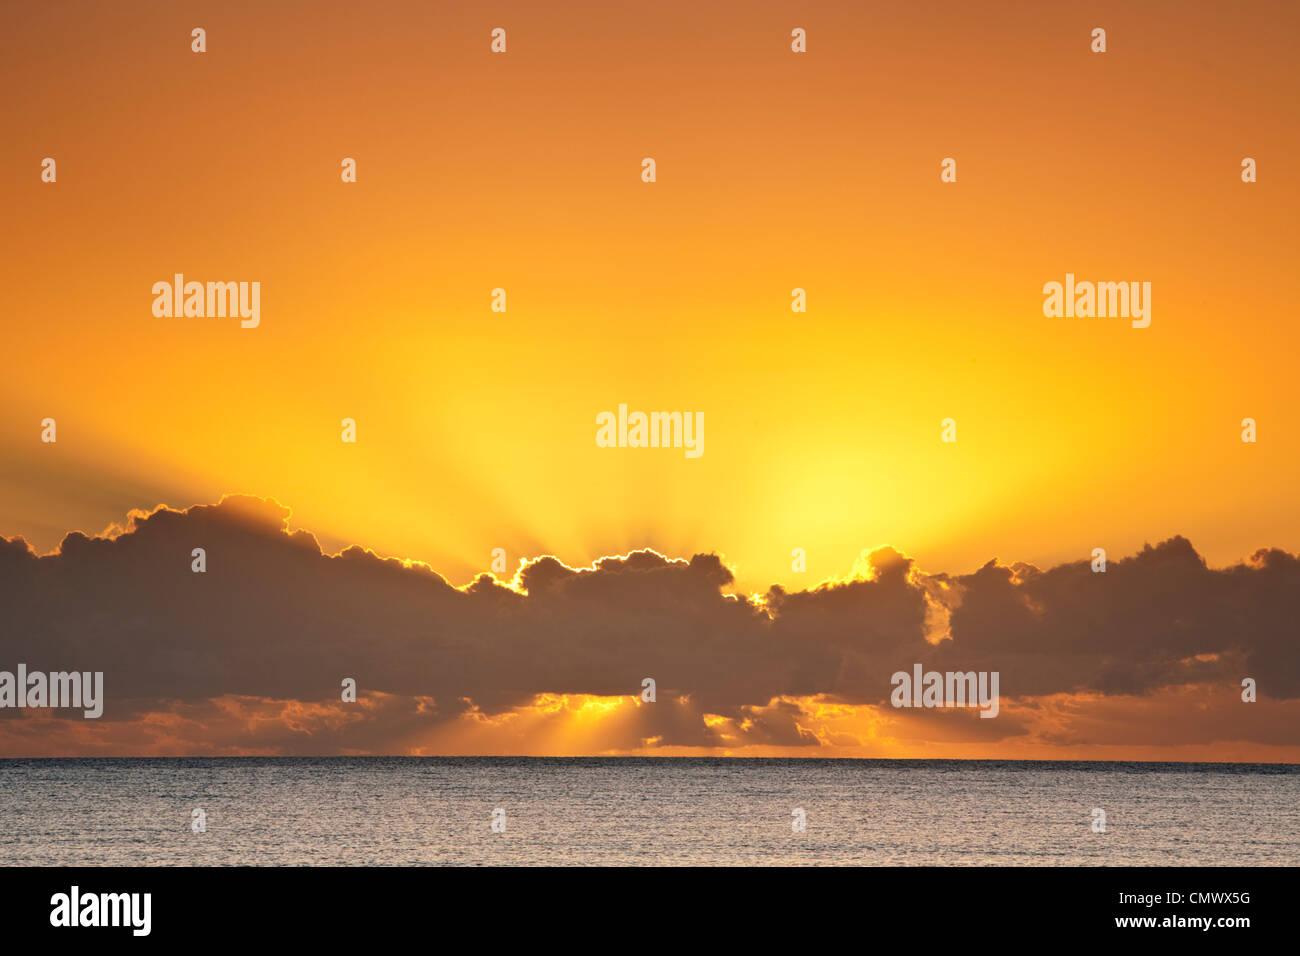 Sonnenaufgang über dem Korallenmeer. Kewarra Beach, Cairns, Queensland, Australien Stockbild